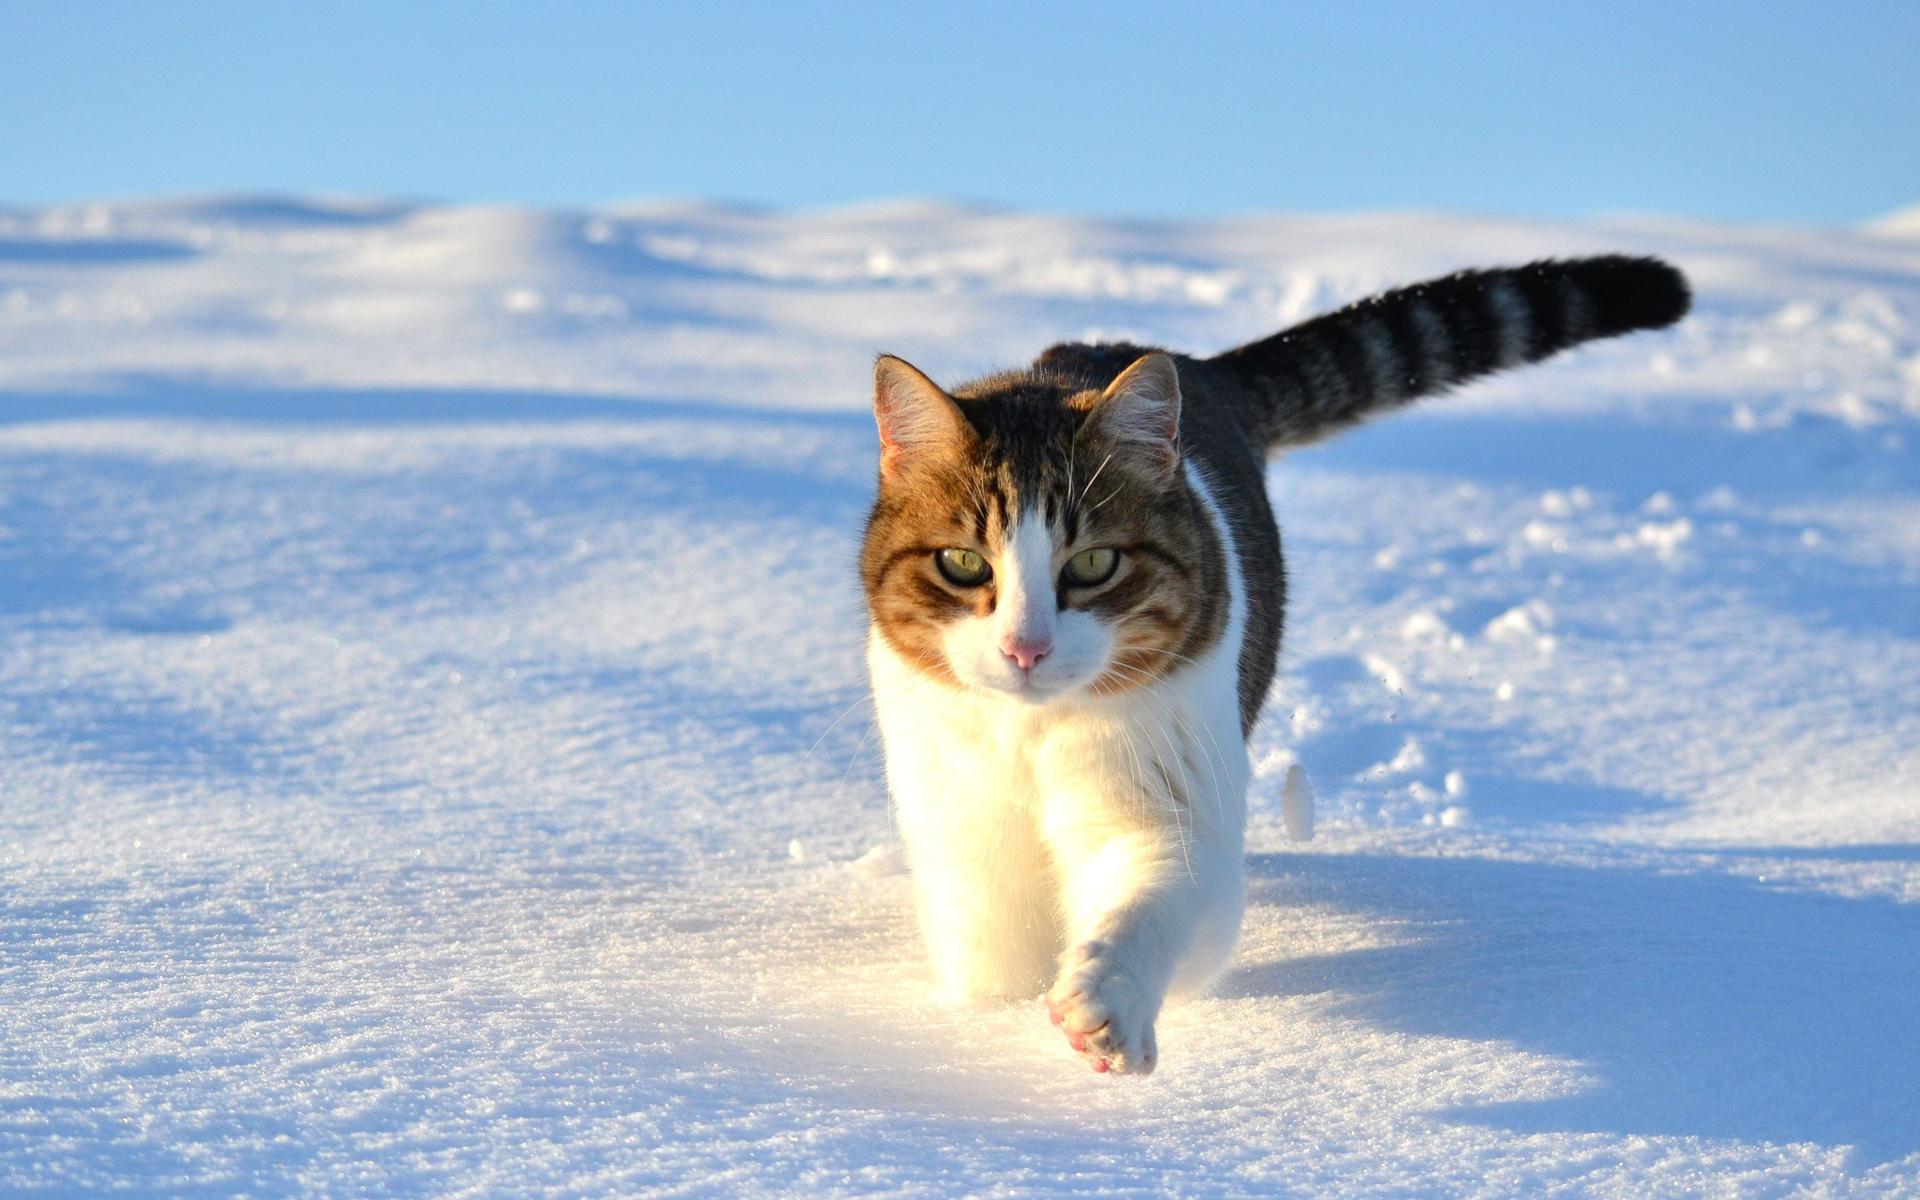 壁紙 かわいい猫は 雪の冬を歩いて 1920x1200 Hd 無料のデスクトップ